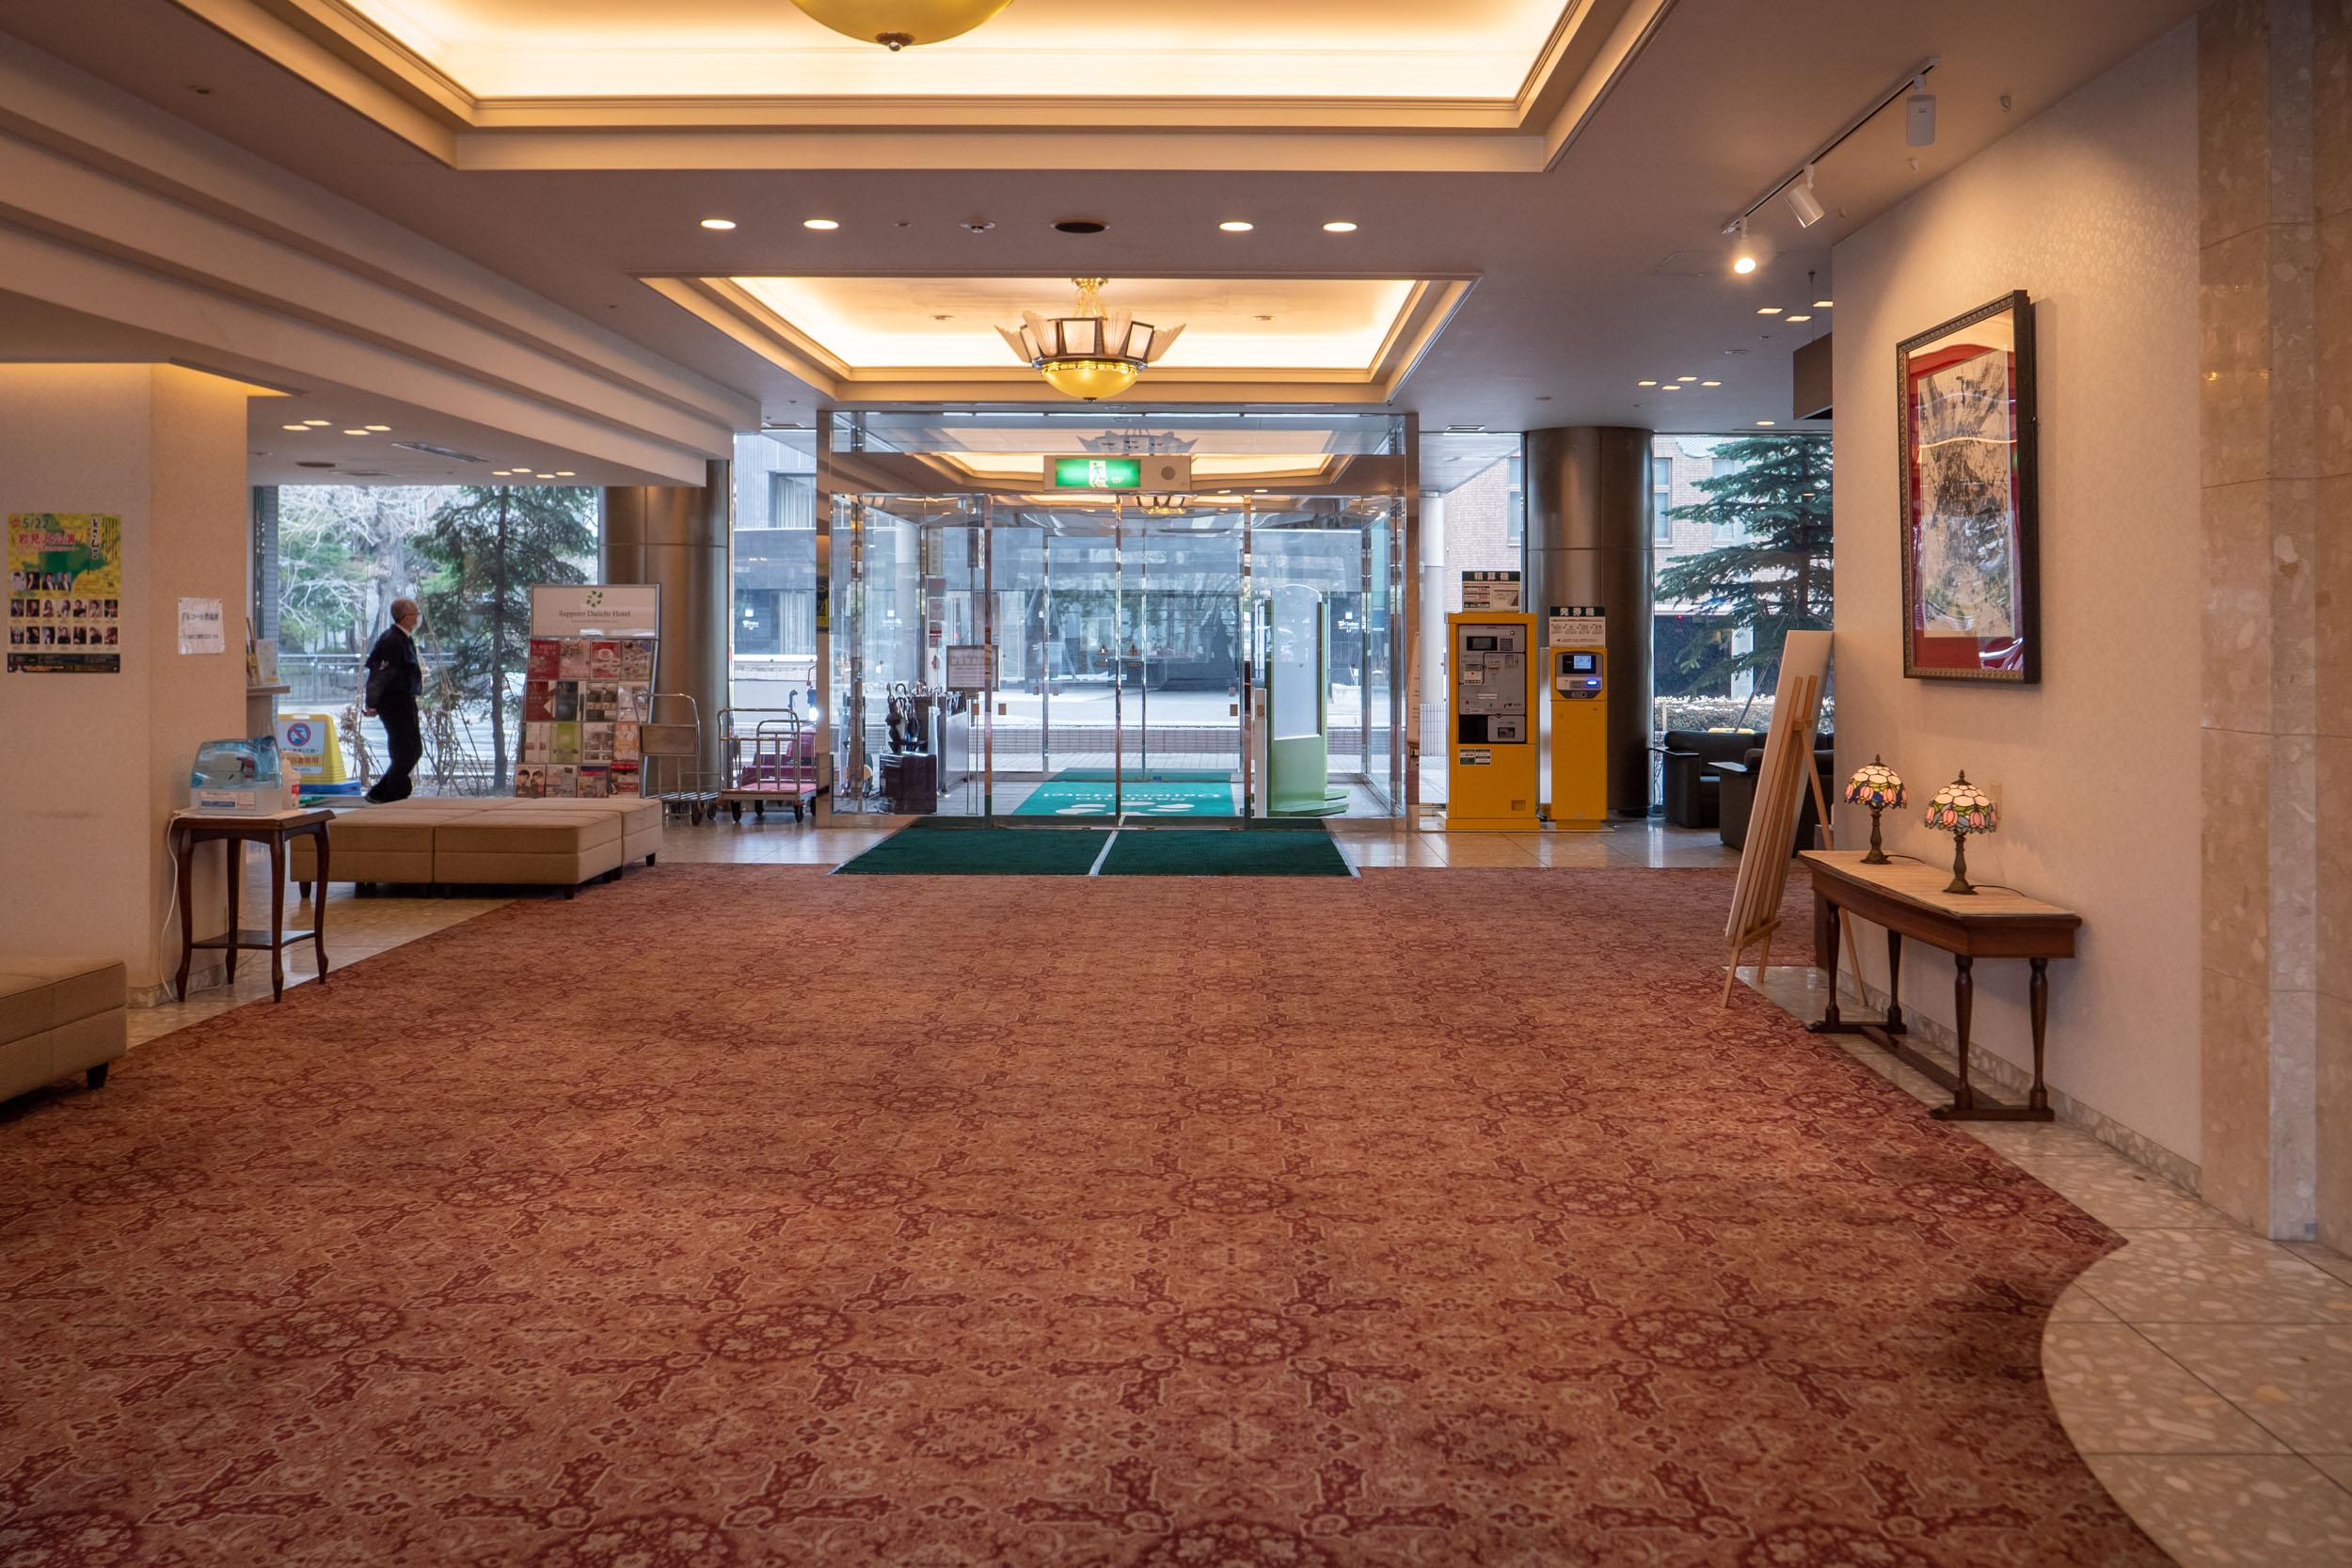 札幌第一ホテルのエントランスホール DMC-GX8 + LEICA DG 12-60mm